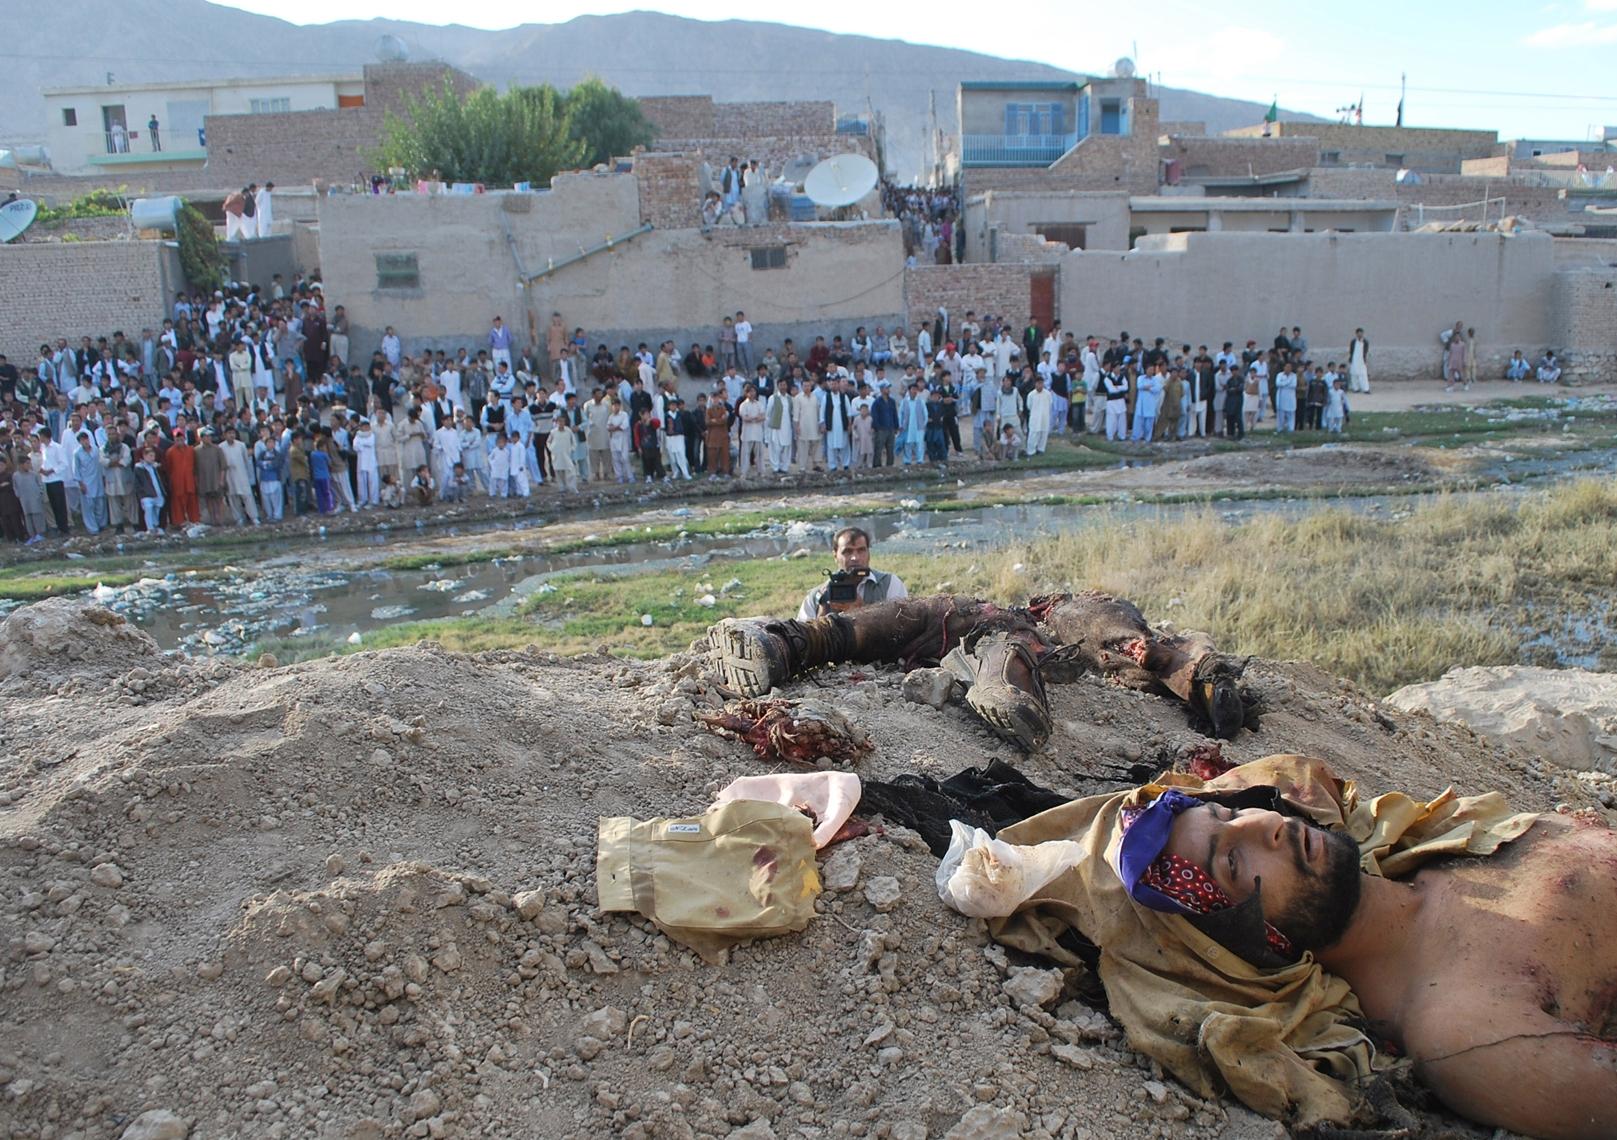 Taliban İntihar Eylemcisi Pakistan Kasım 2011